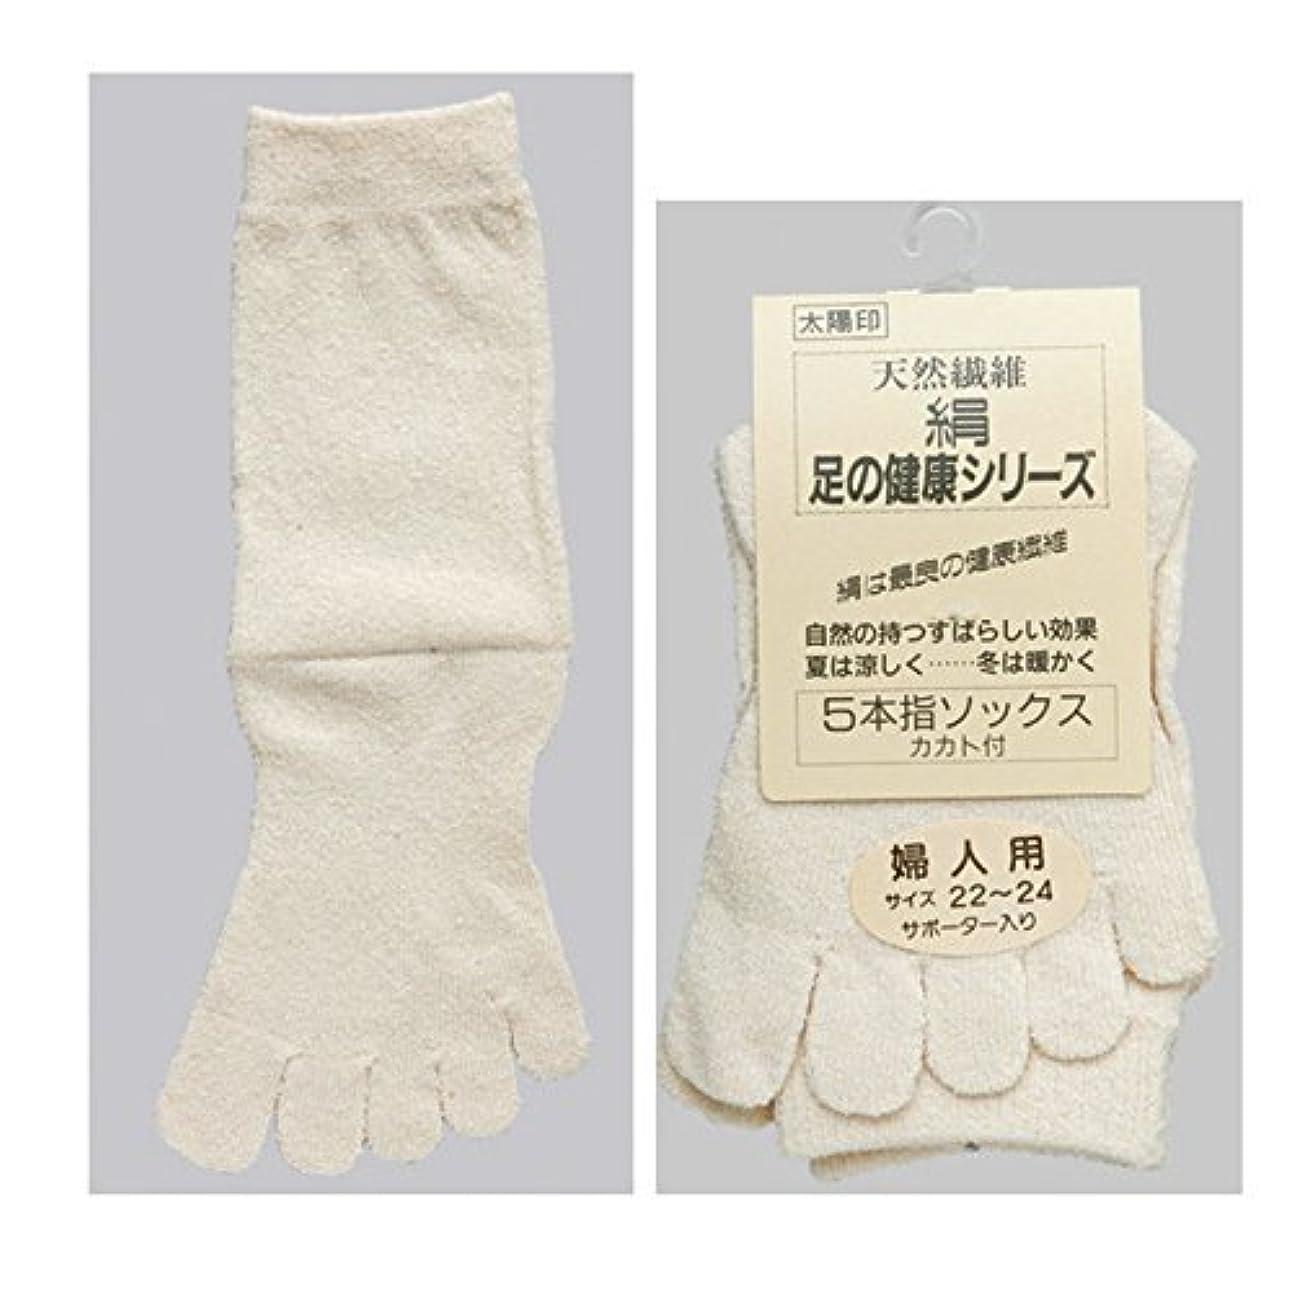 急いでリスナードライ日本製 シルク5本指ソックス 婦人用3足組 22-24cm (オフ白 お買得3足組) 敬老の日プレゼント